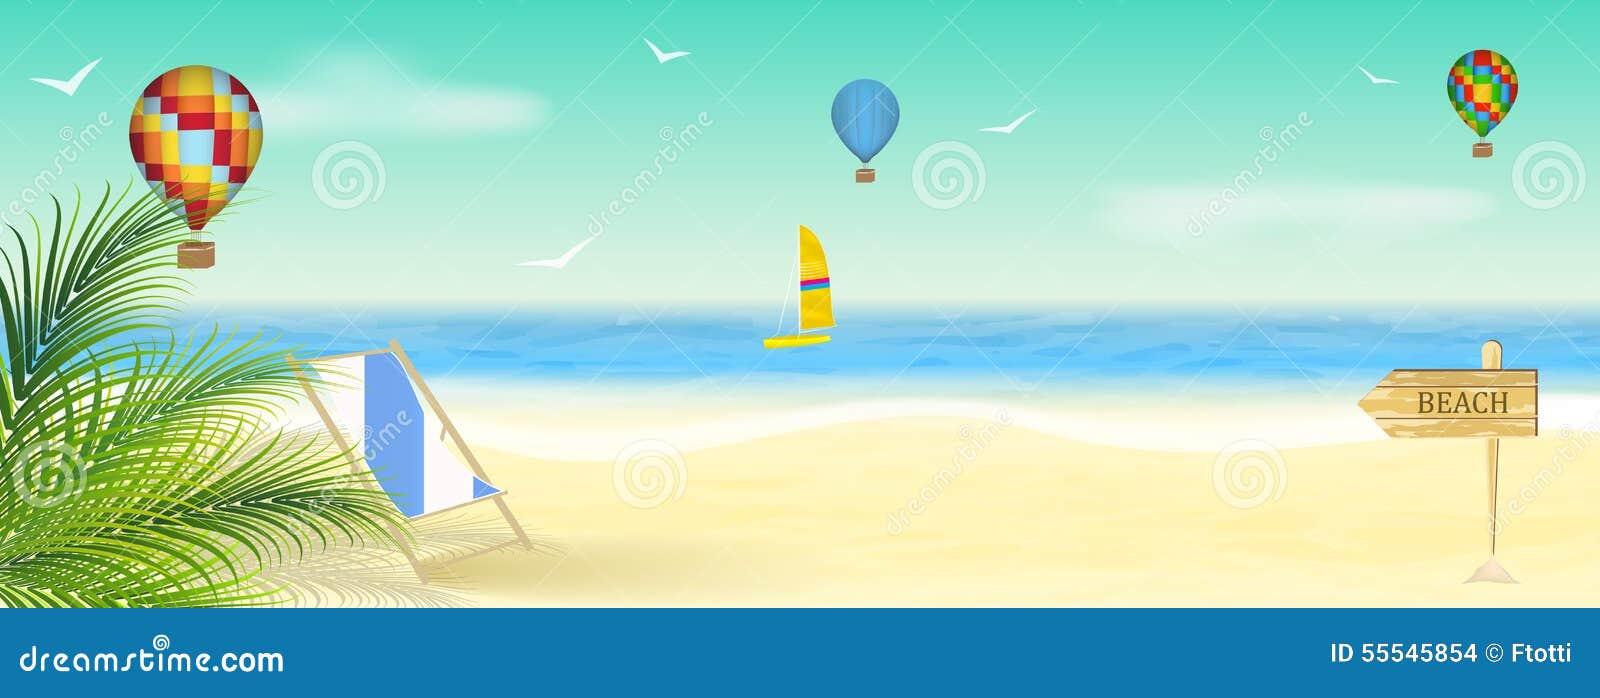 Vacances d 39 t au bord de la mer papier peint for Papier peint bord de mer